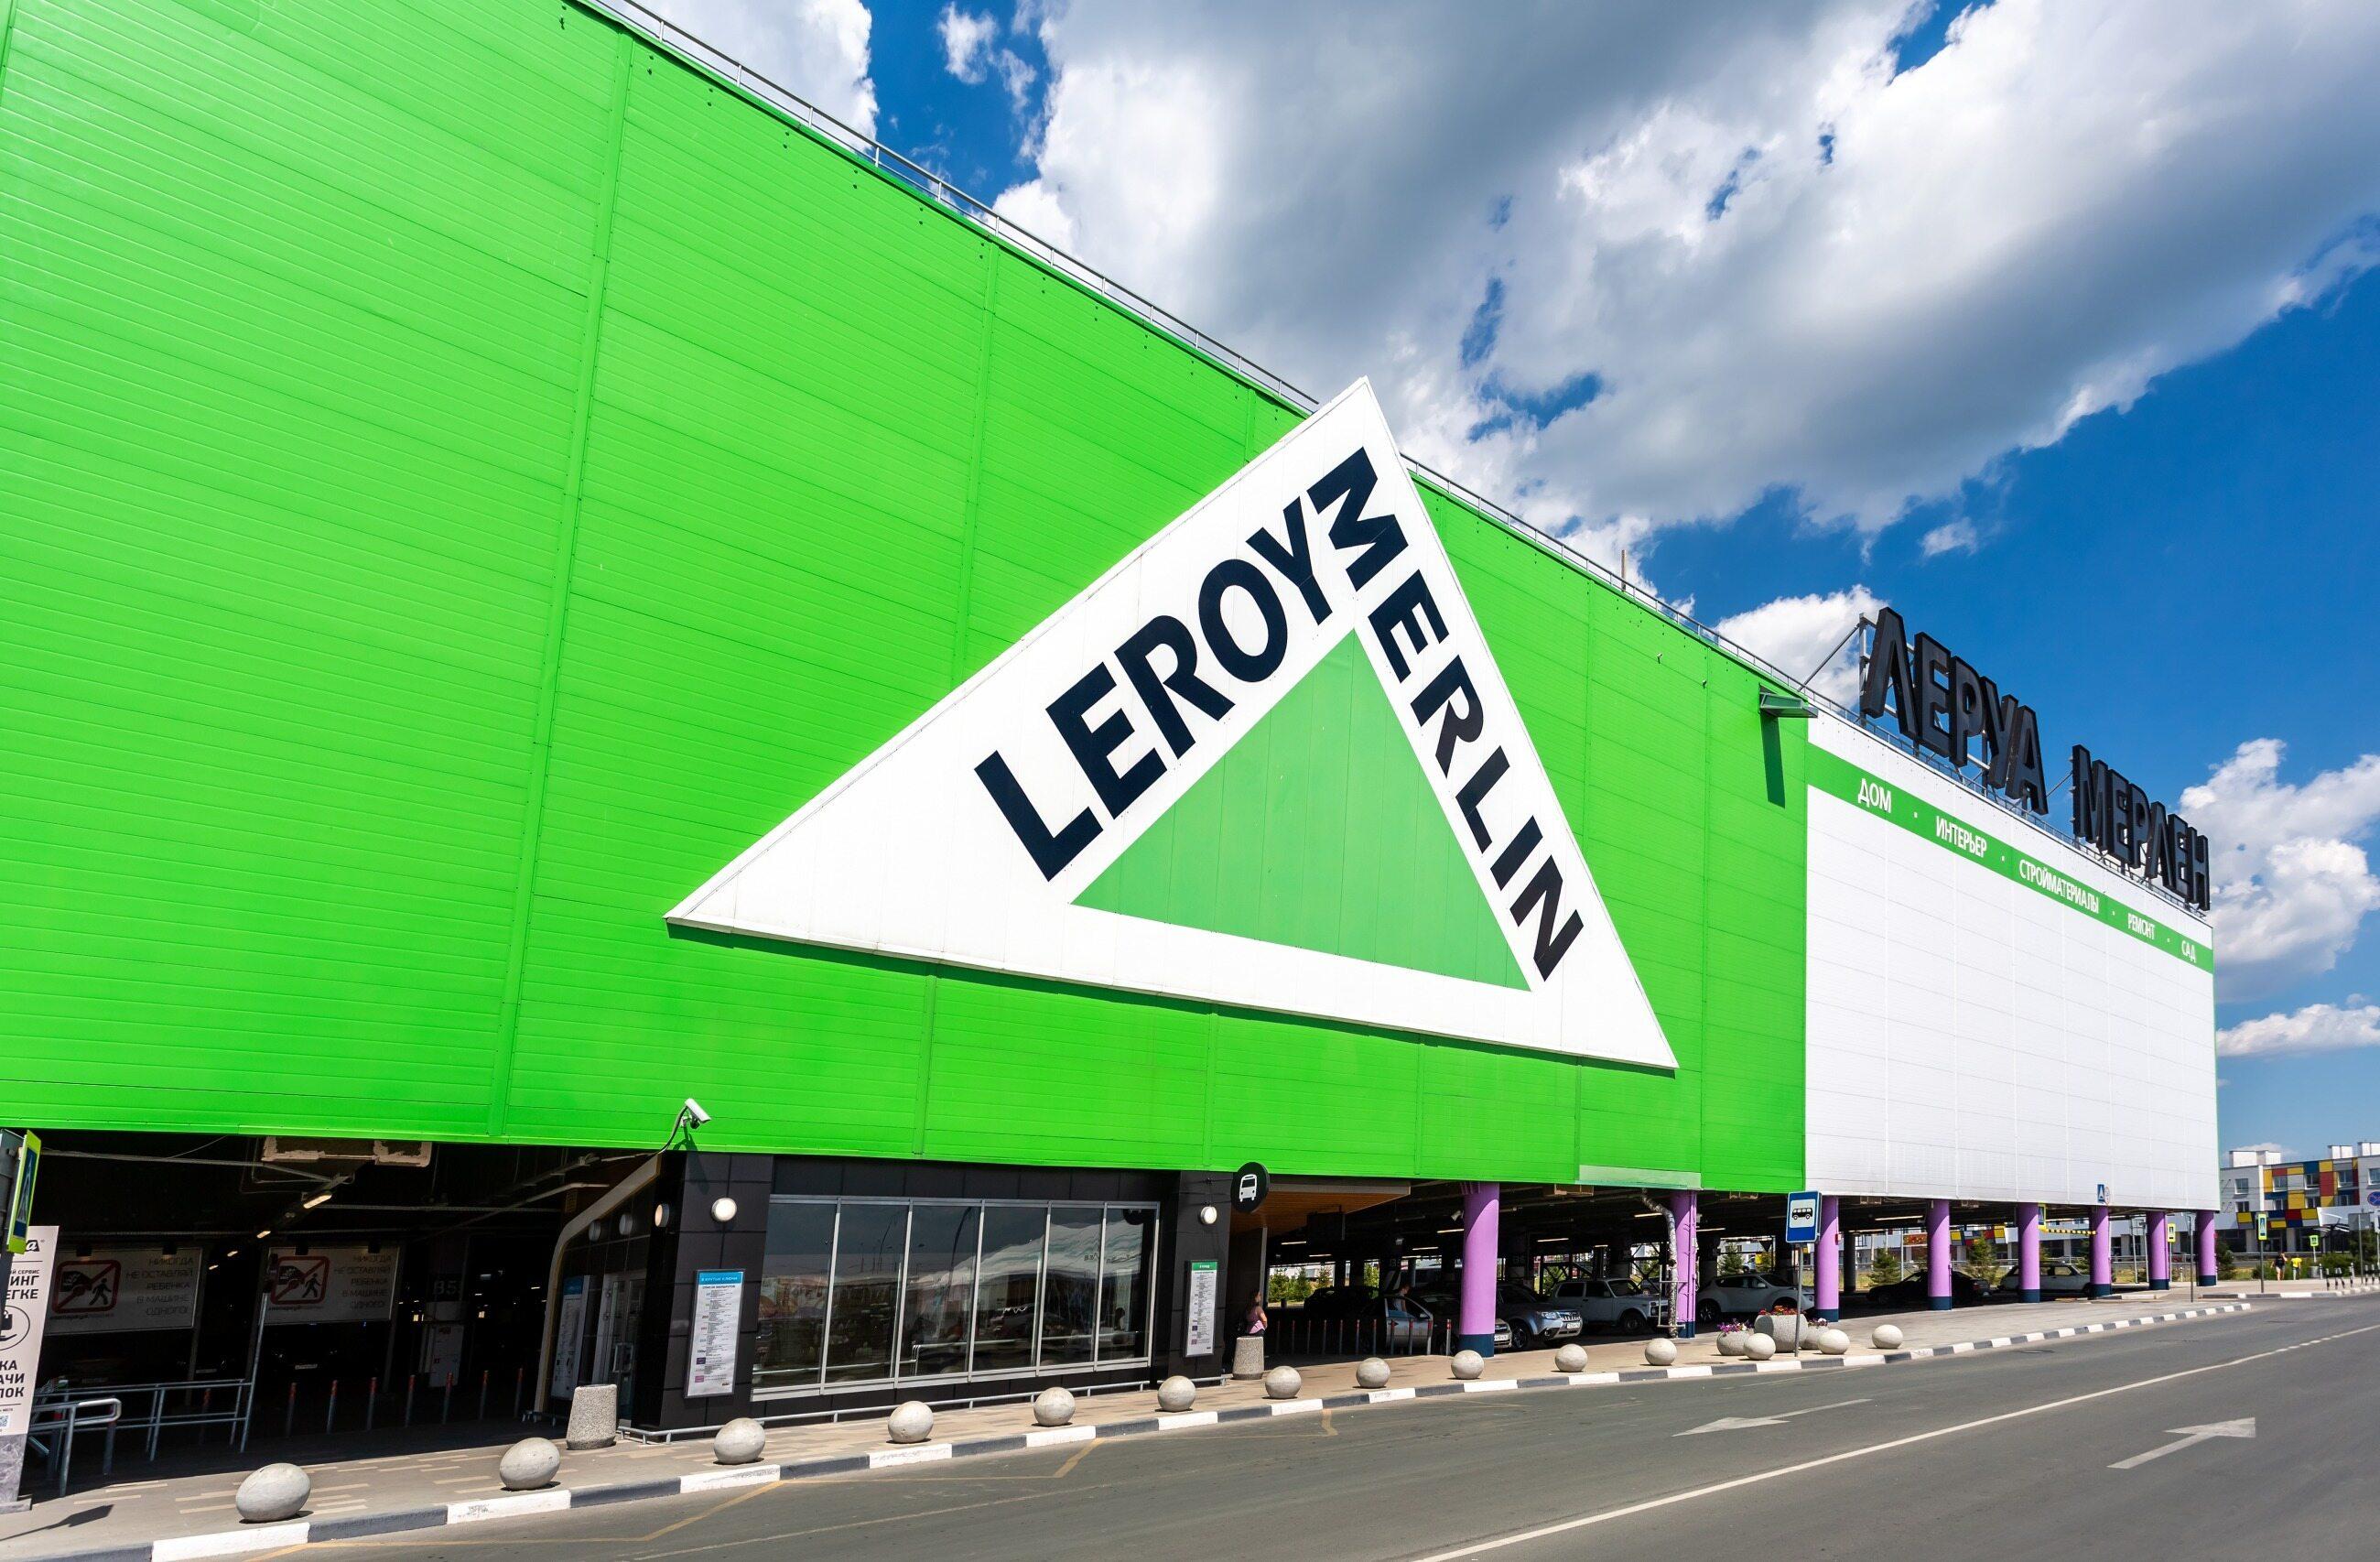 Leroy Merlin to market oferujący sprzęt z szeroko rozumianej branży budowlanej. A jego nazwę poprawnie wymawiamy: